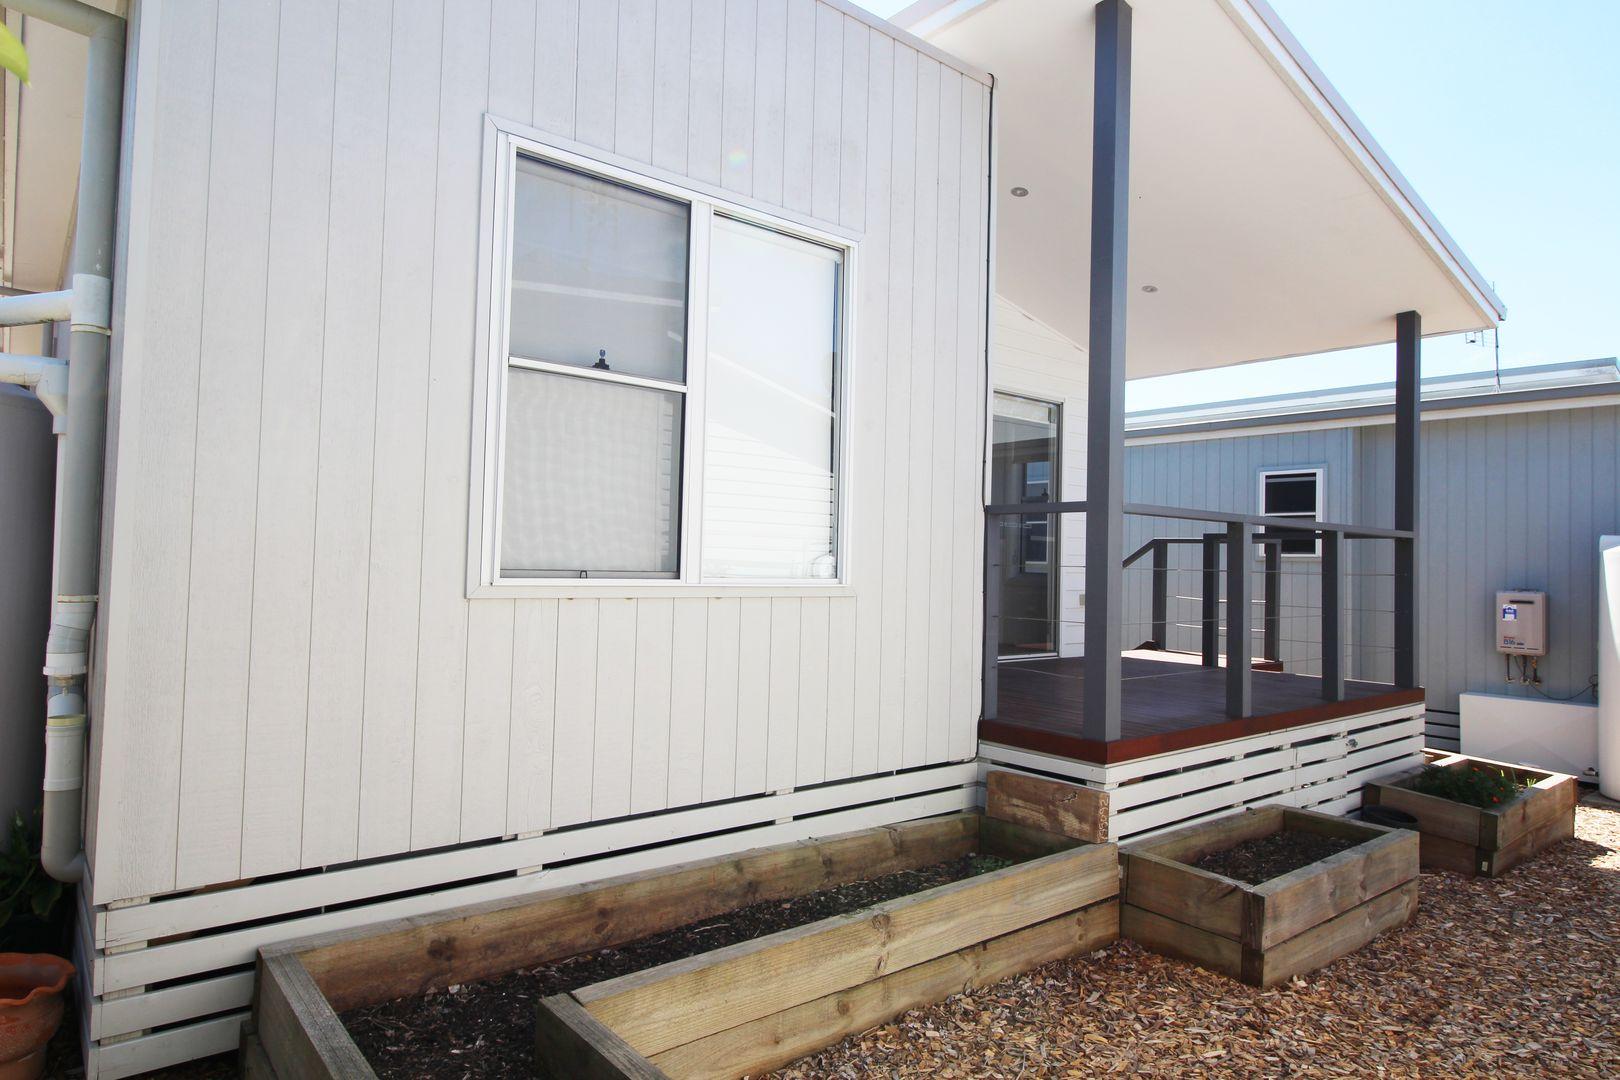 9/33 Karalta Road, Greenlife , Erina NSW 2250, Image 2